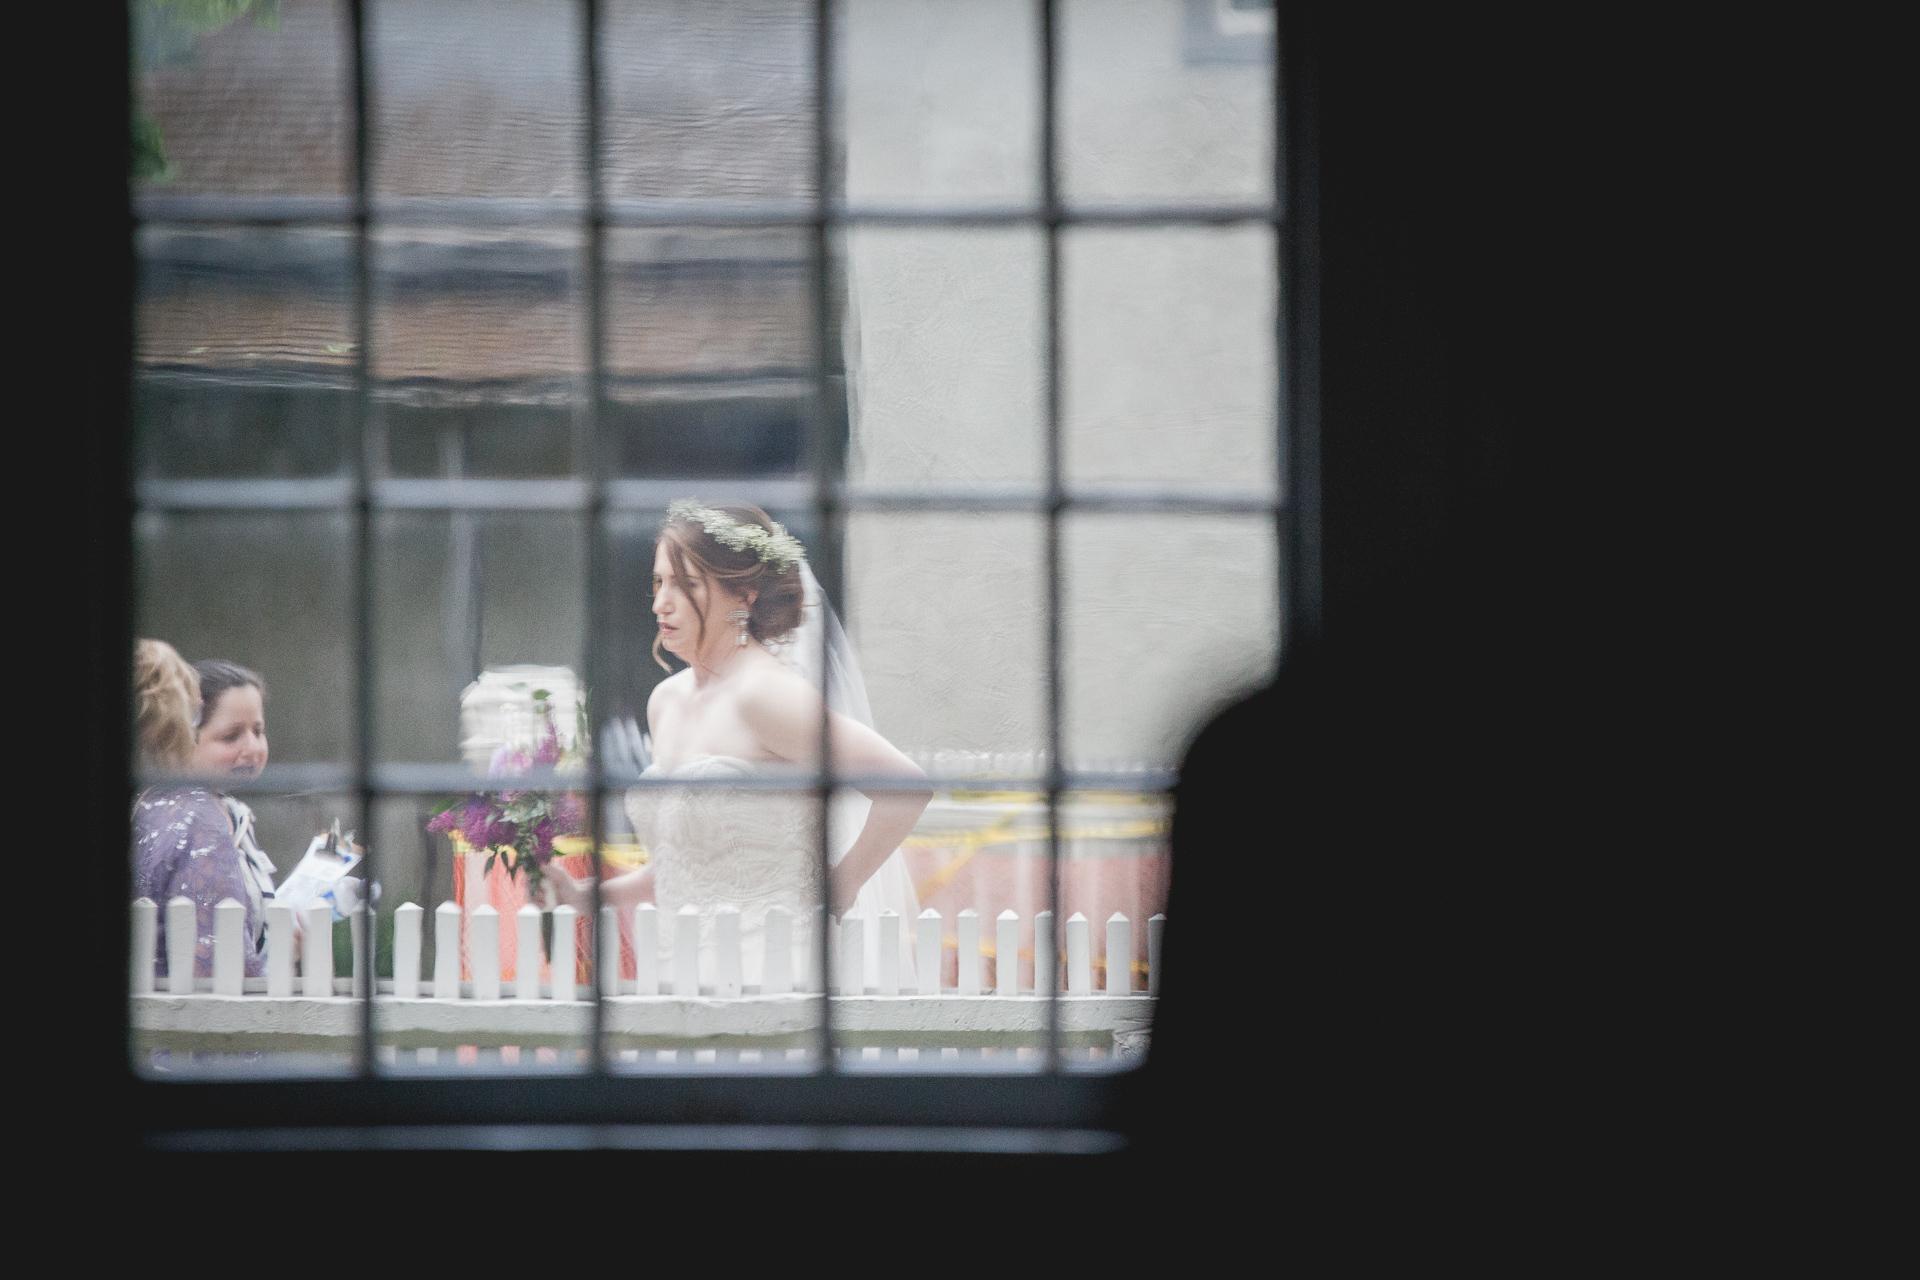 Brampton Real Wedding